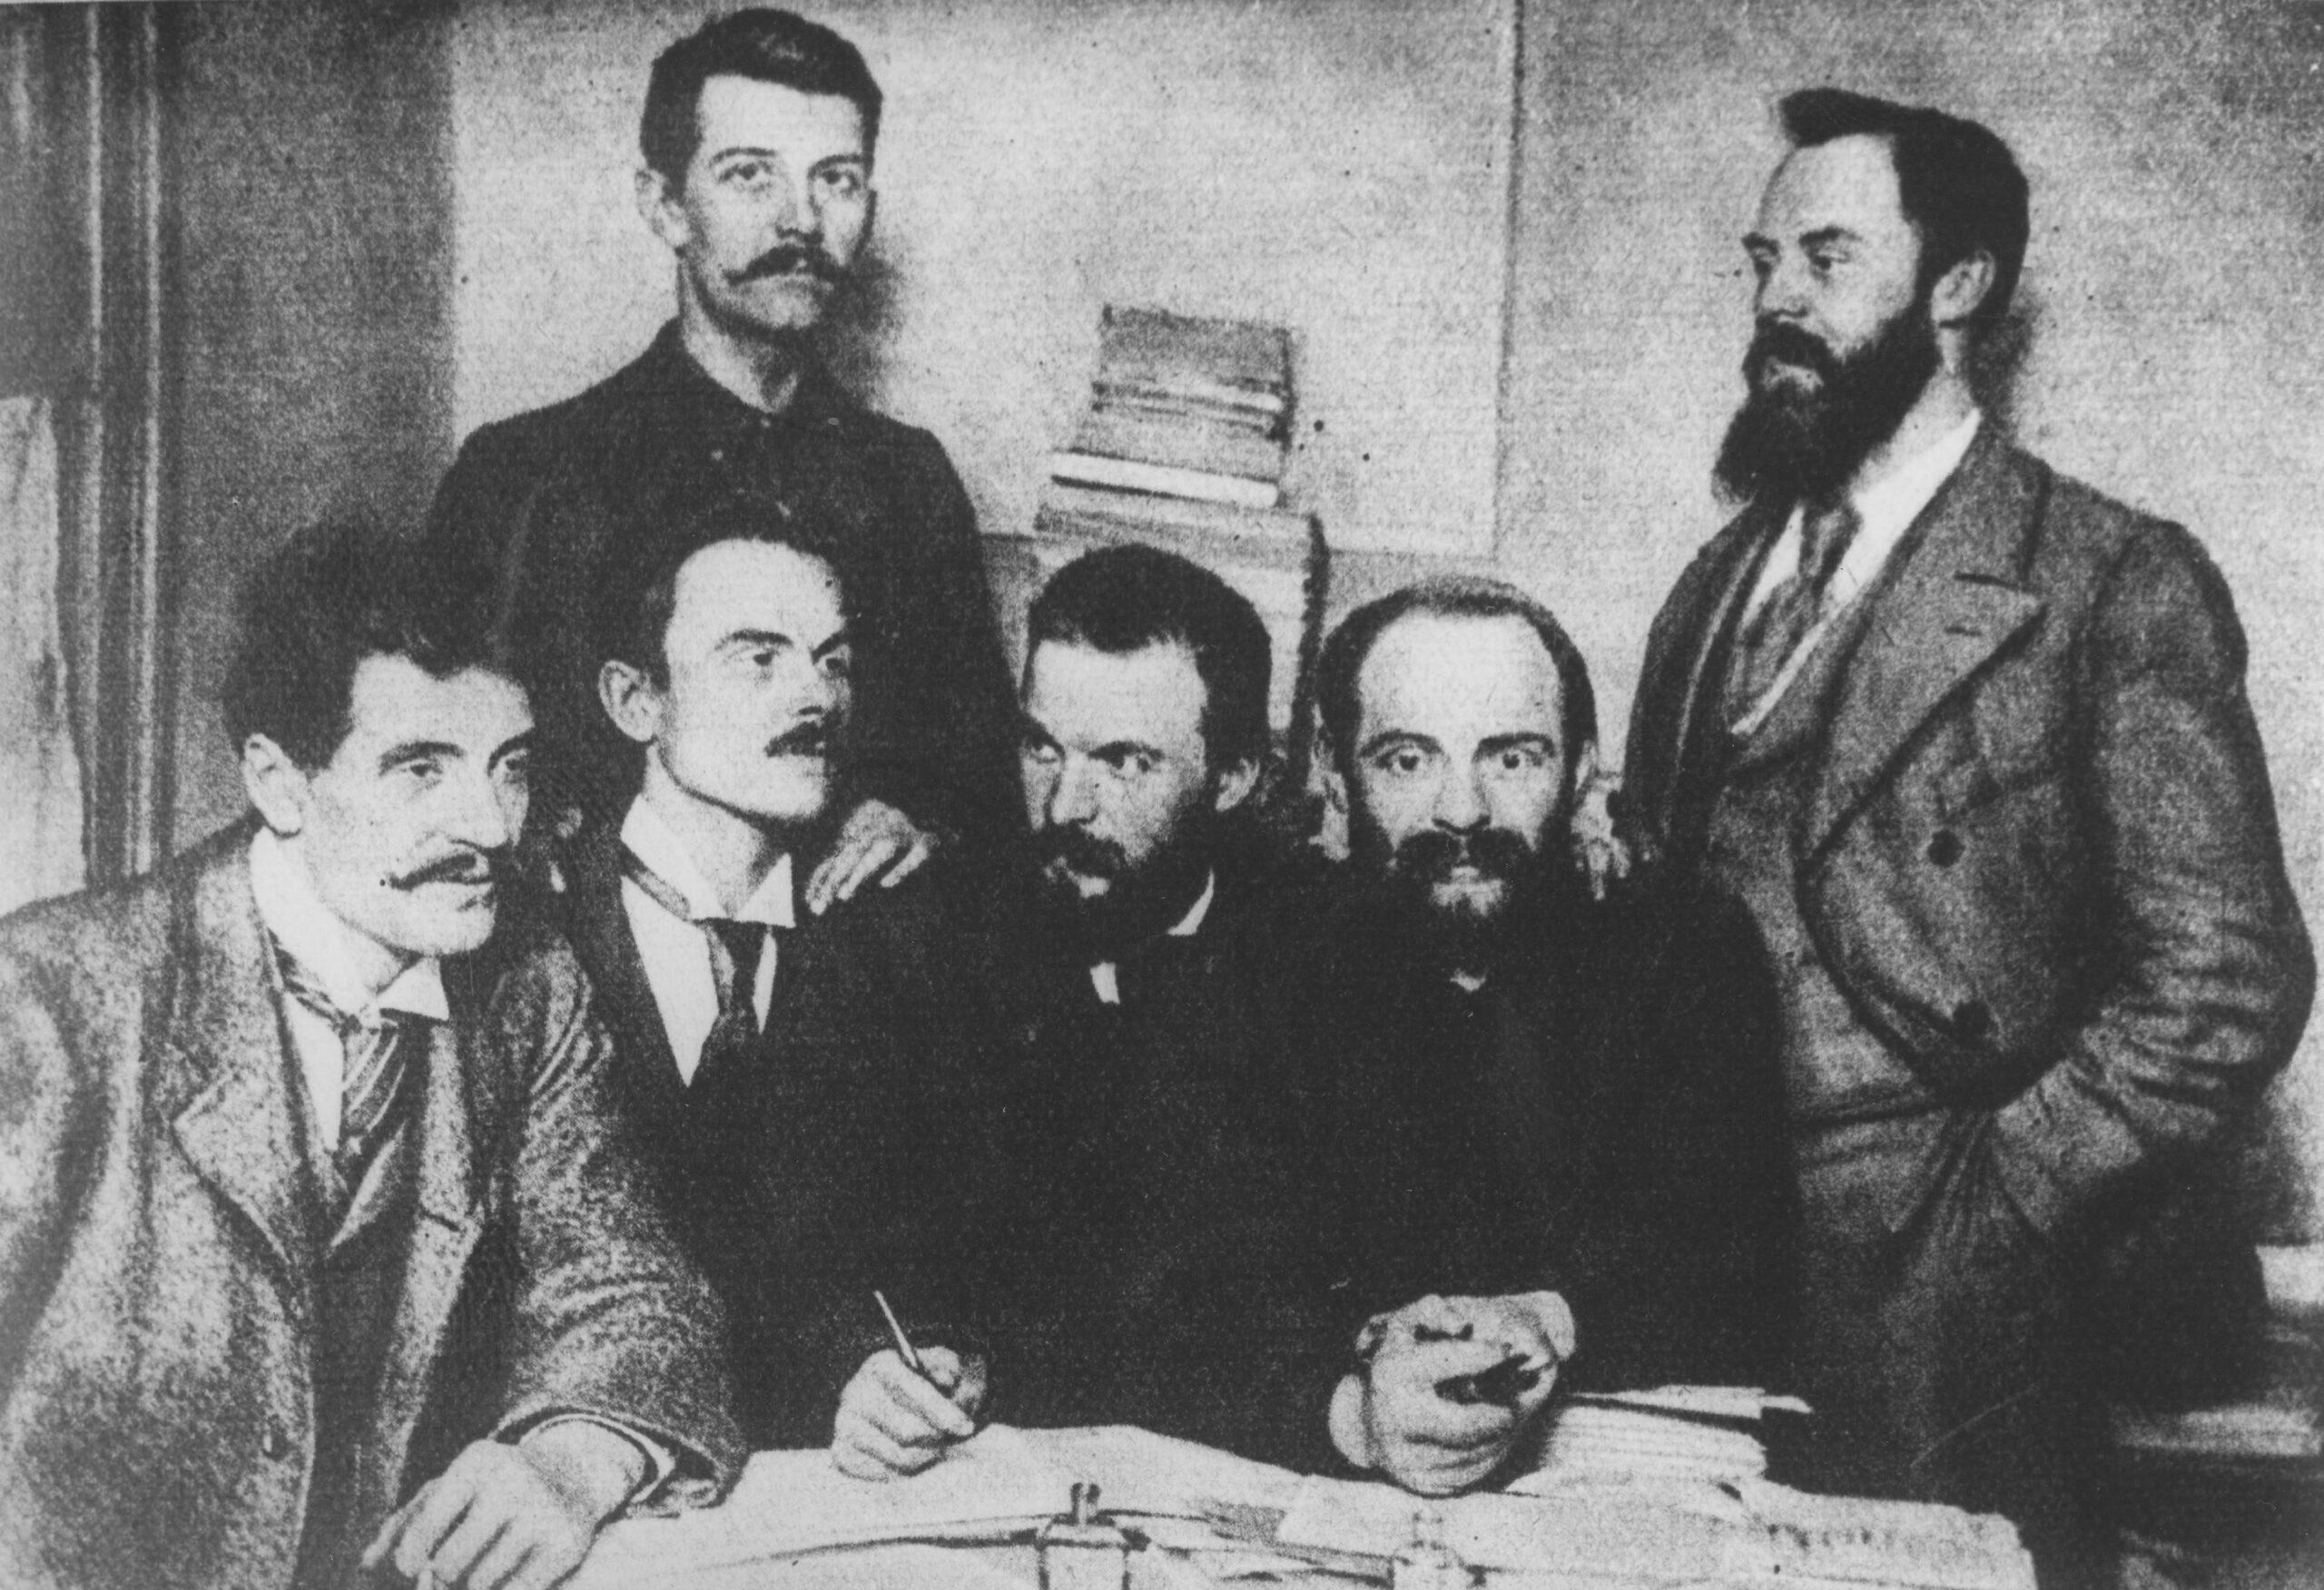 Przywódcy Polskiej Partii Socjalistycznej w Londynie. Mężczyźni znajdują się w pokoju przy stole, na którym leży duża ilość dokumentów. Siedzą od lewej: Ignacy Mościcki, Jędrzejewicz, Józef Piłsudski, Aleksander Dębski; stoją Bolesław Miklaszewski i Witold Jodko-Narkiewicz, 1896 r.